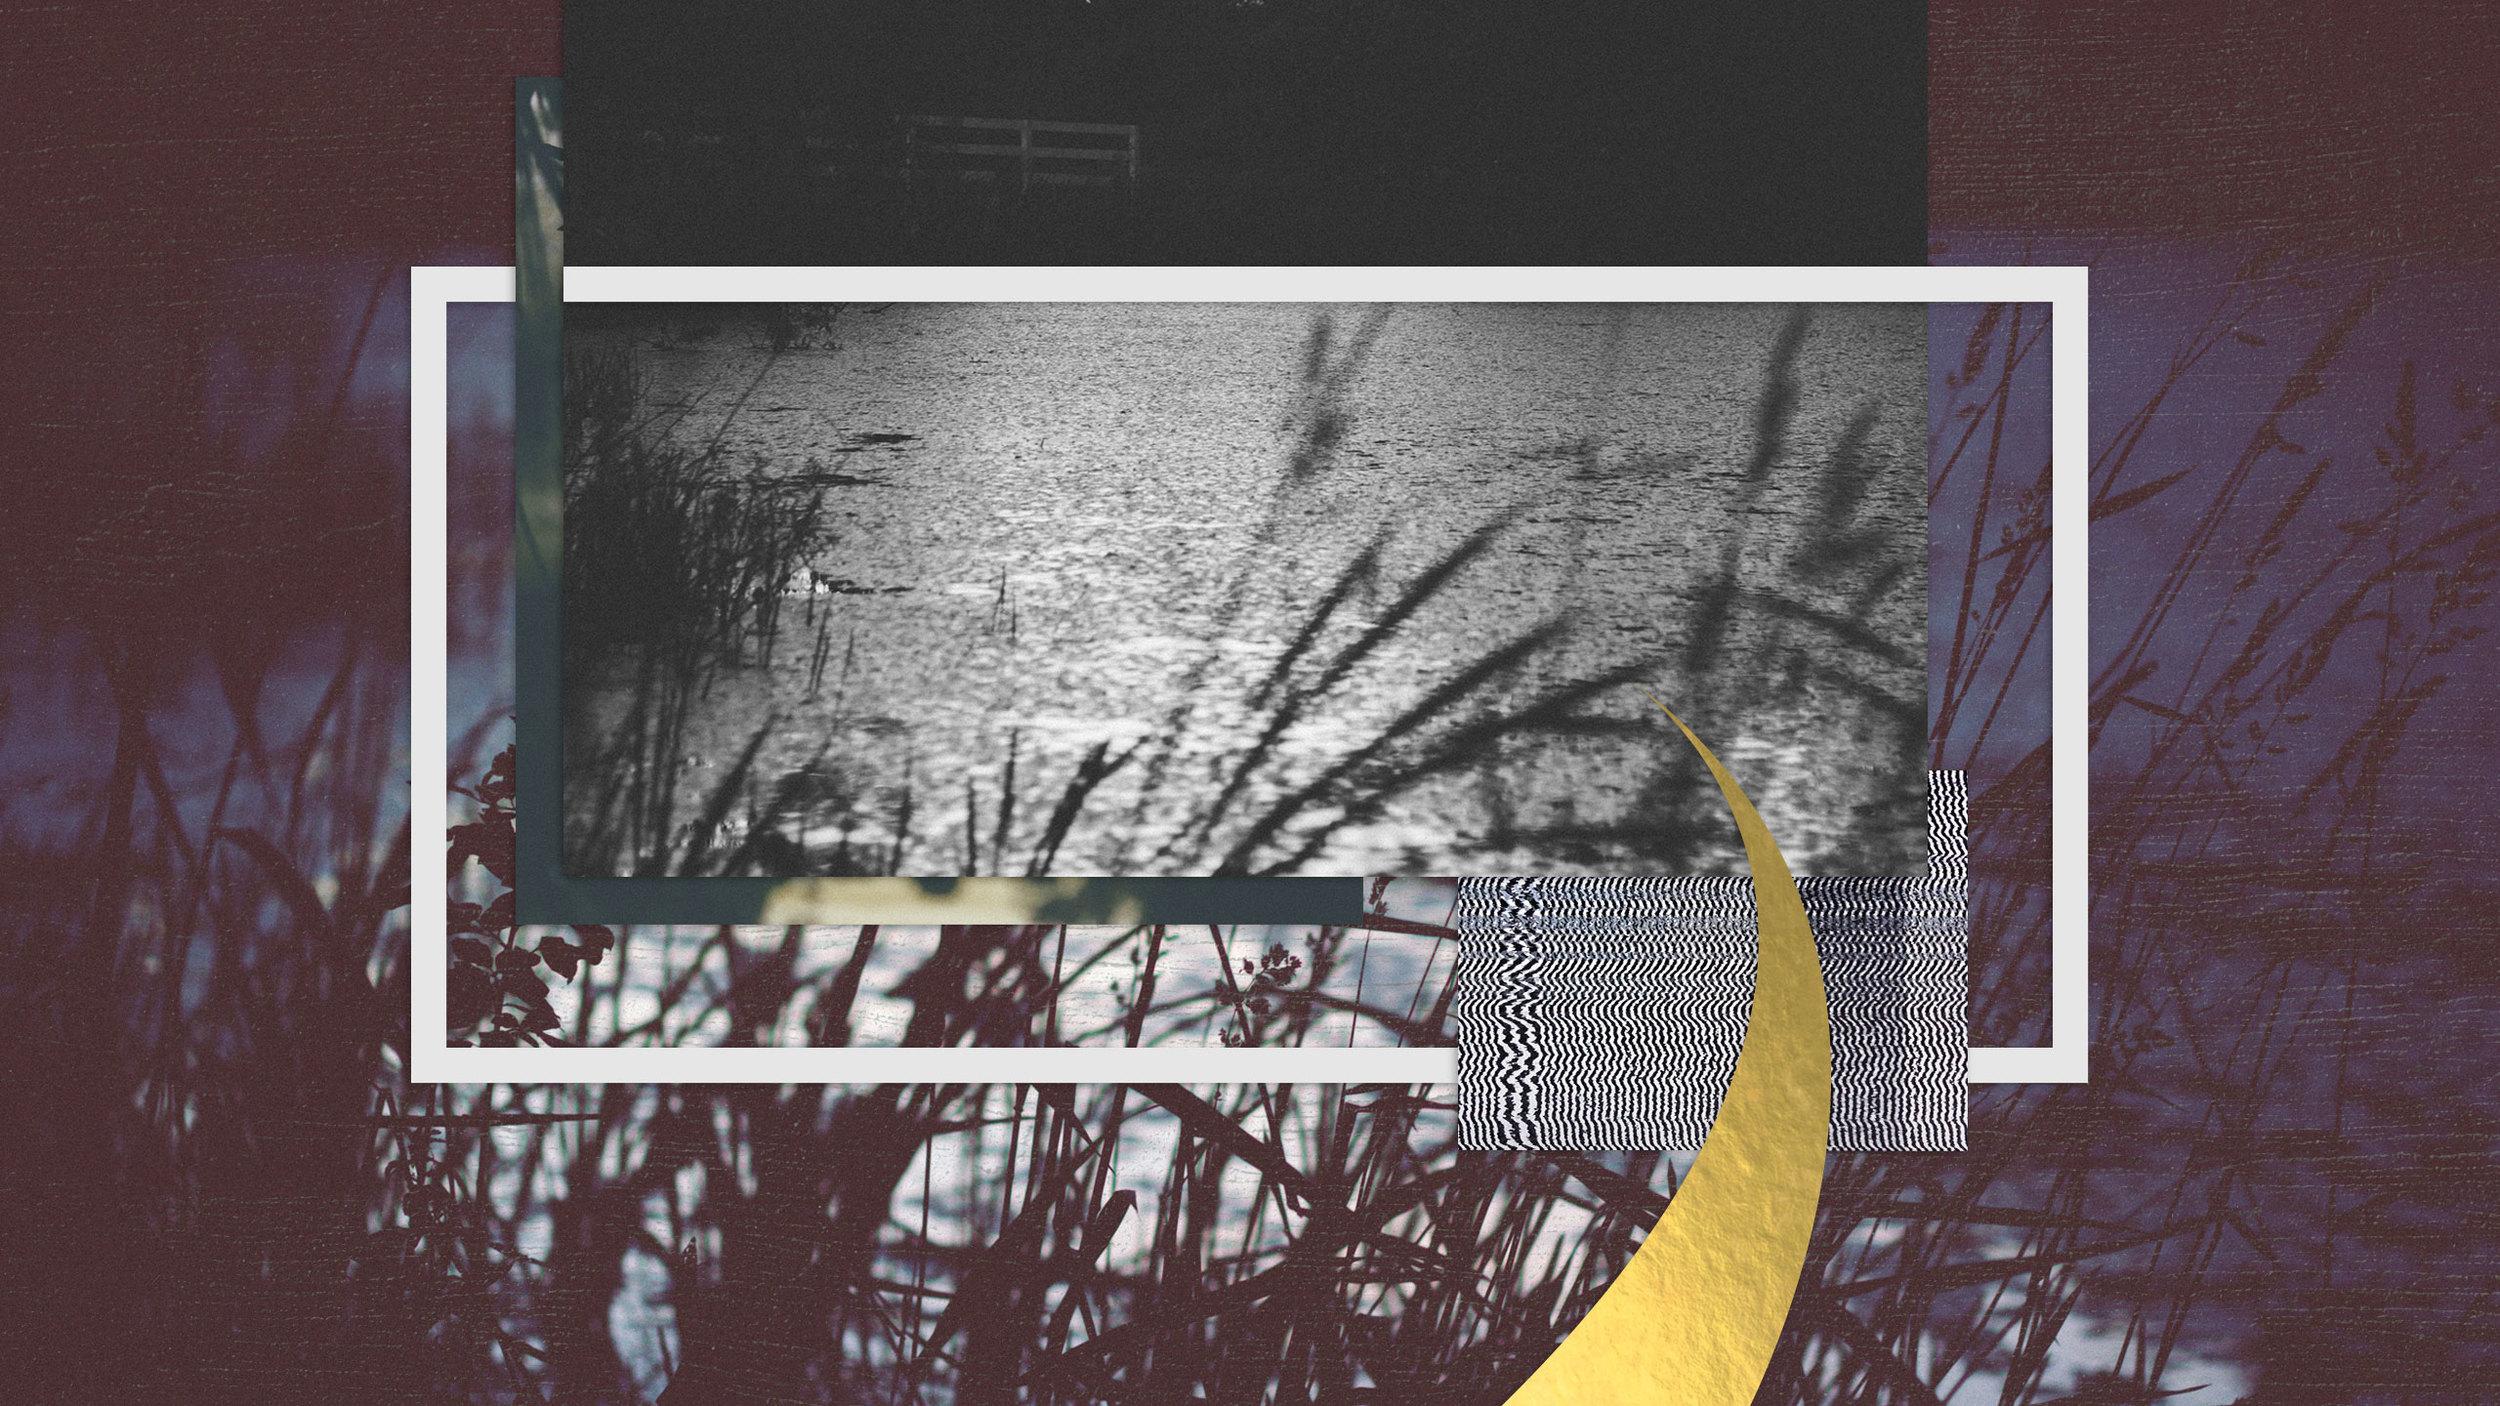 wallpaper_novmberswamp_2560x1440.jpg